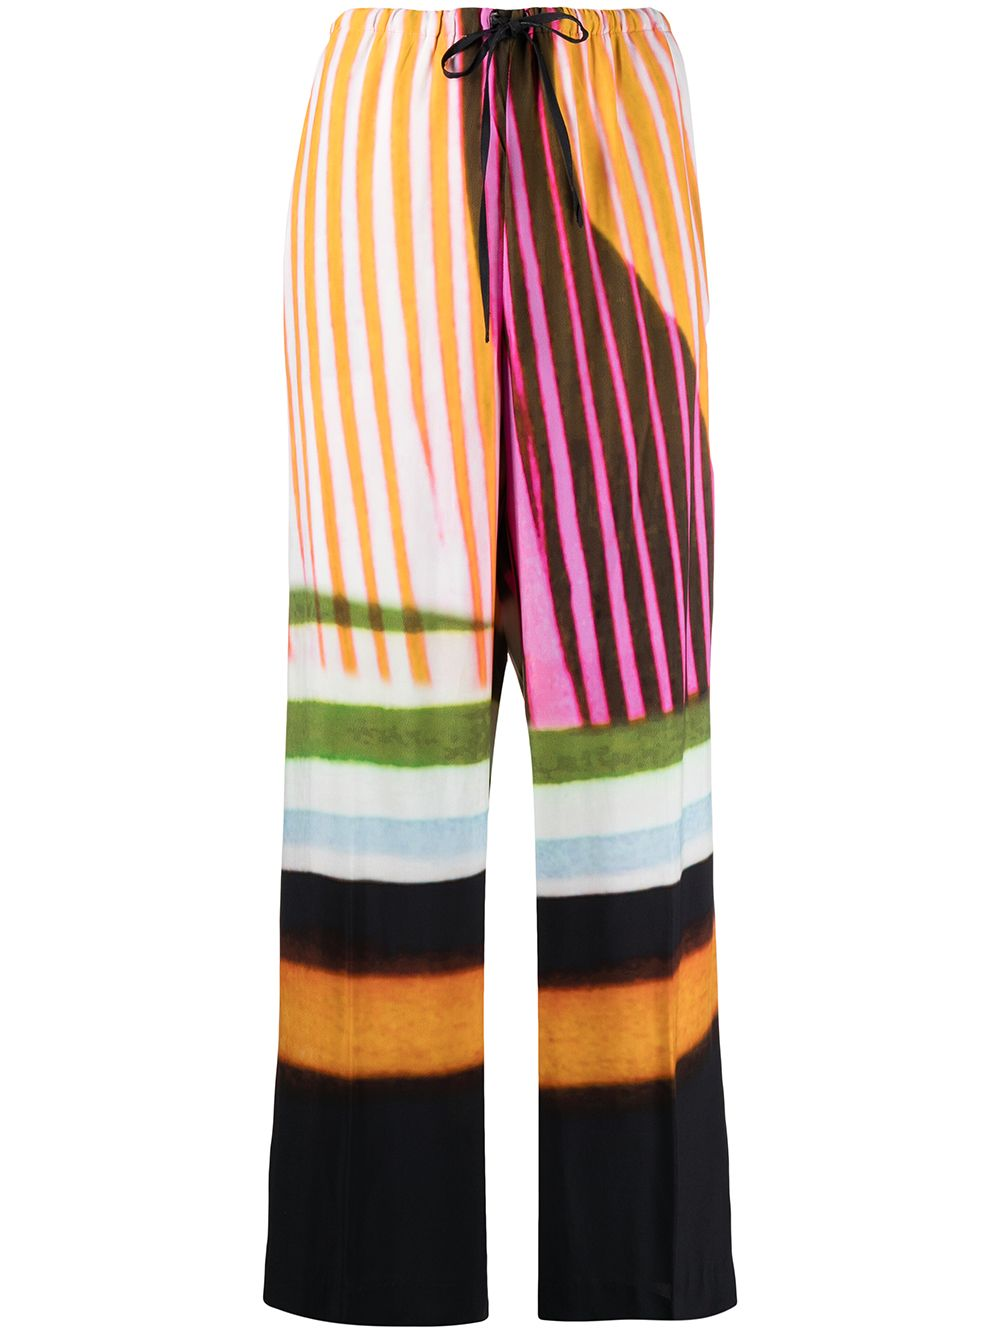 Pantaloni palazzo neri e multicolor in misto cotone a vita alta DRIES VAN NOTEN | Pantaloni | PUVIS-2048-10969900